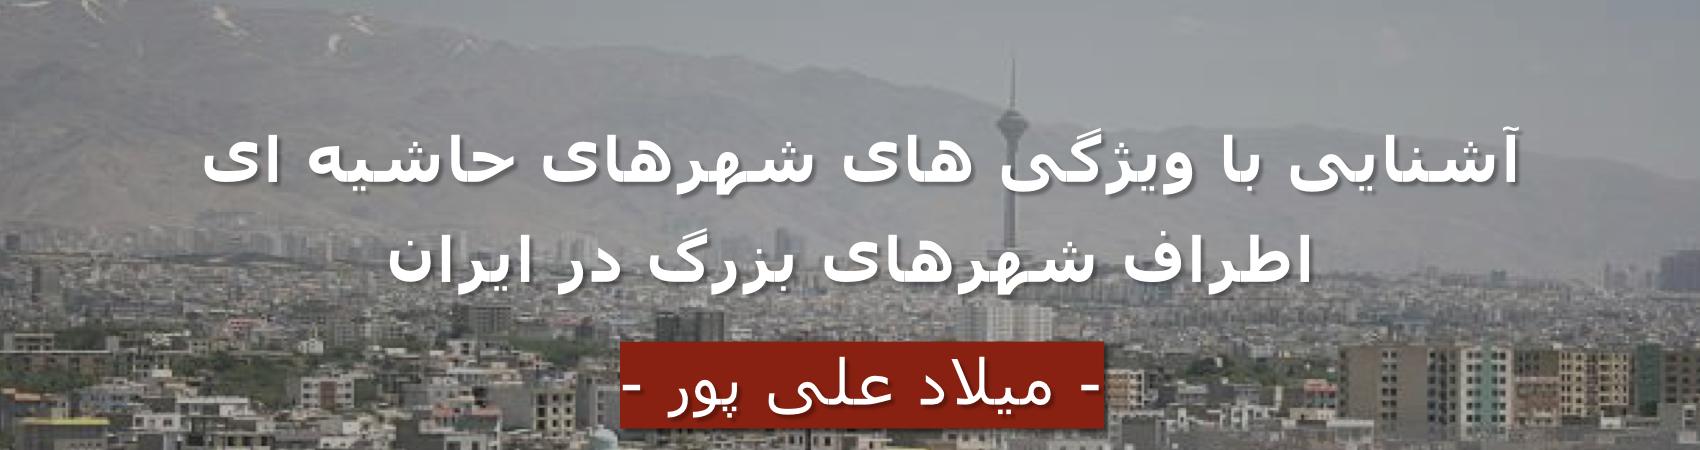 آشنایی با ویژگی های شهرهای حاشیه ای اطراف شهرهای بزرگ در ایران